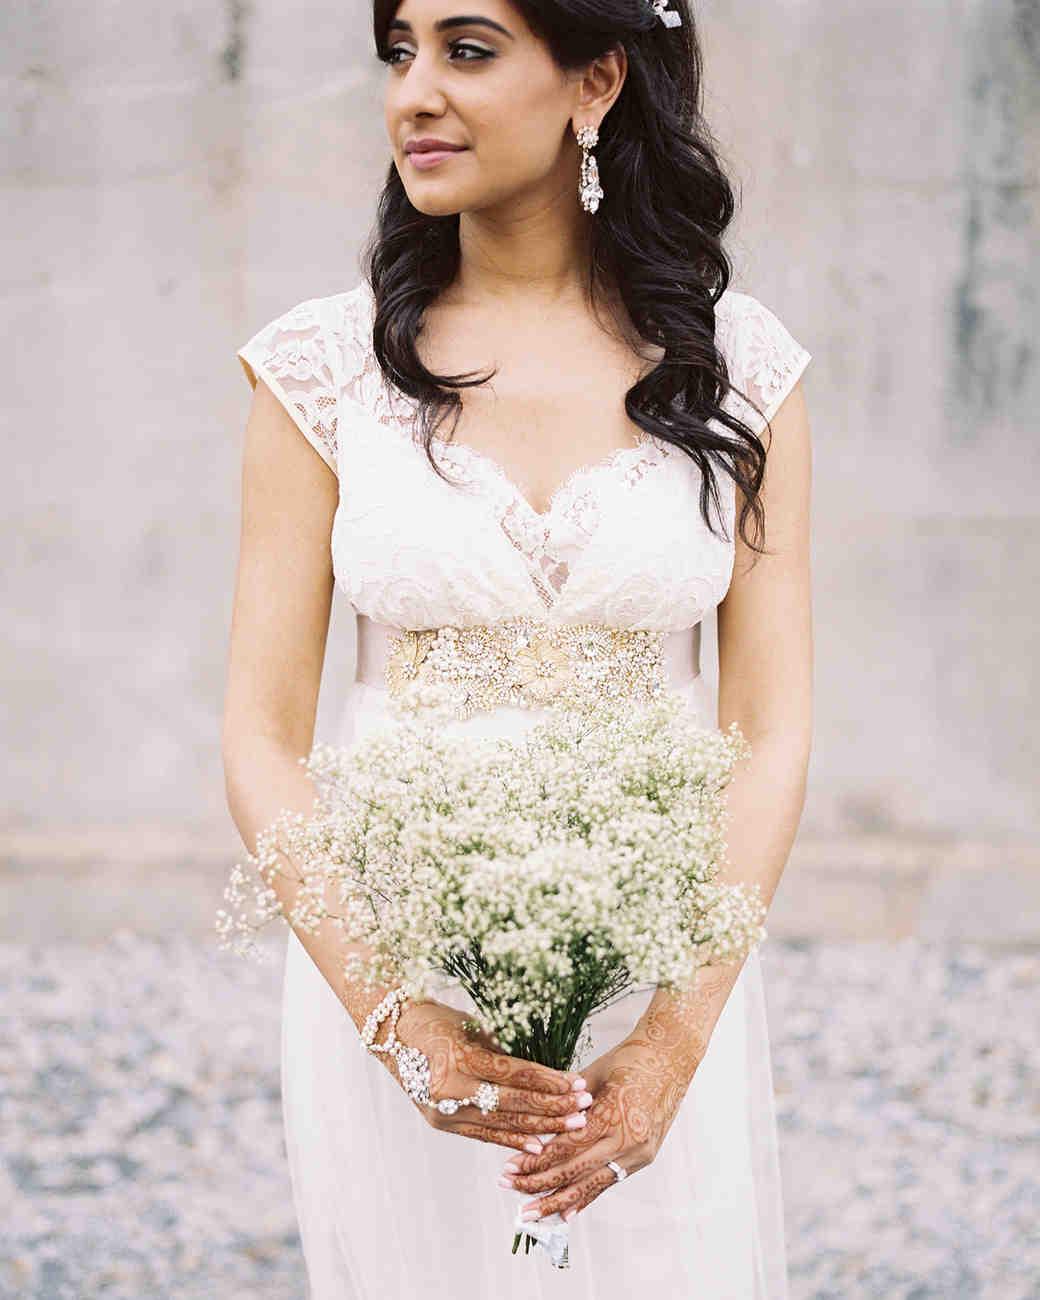 sejal-narayan-wedding-georgia-429-s111893-0615.jpg